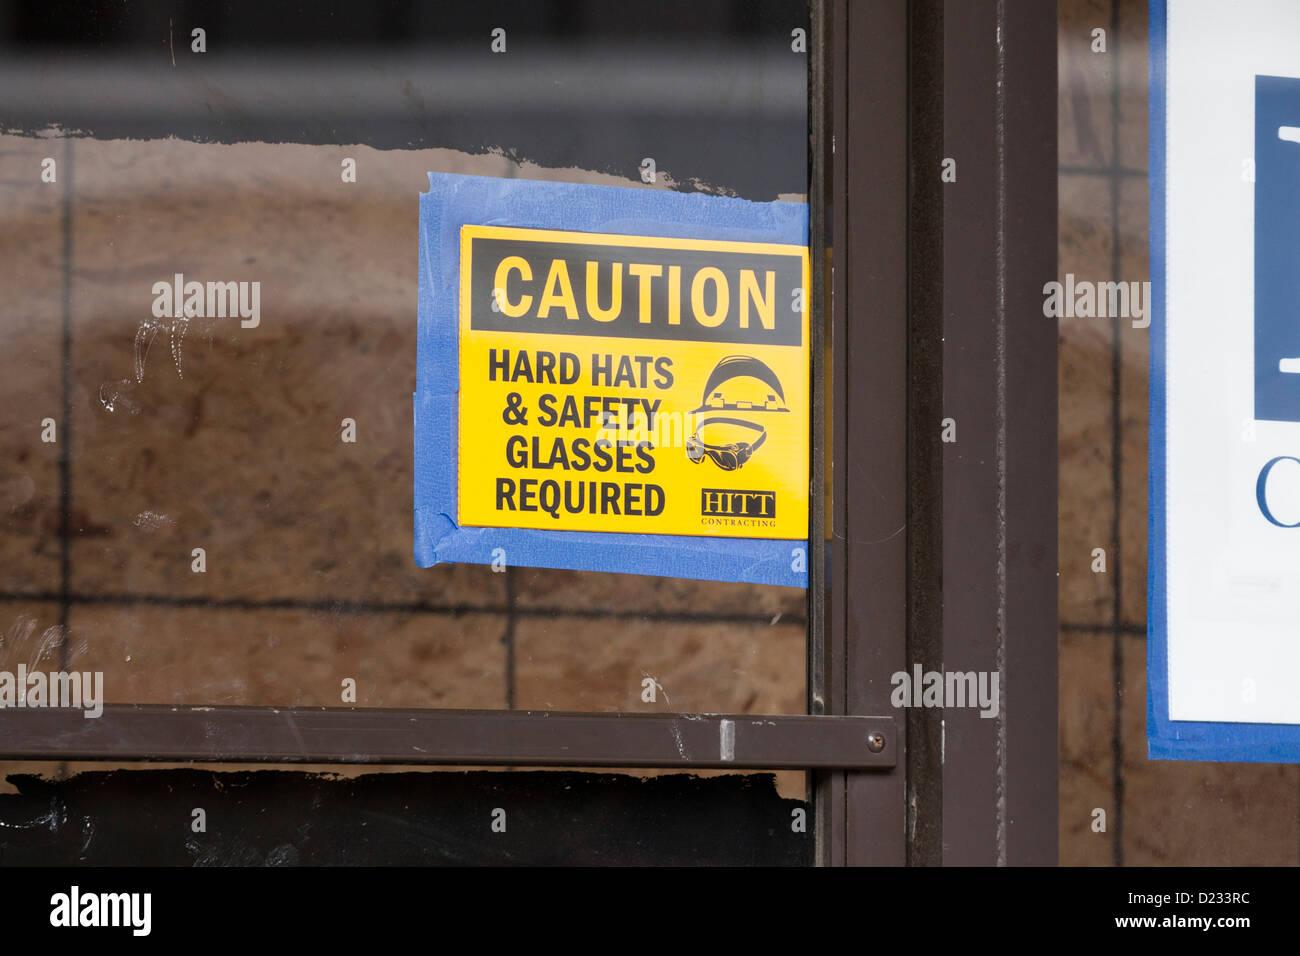 Elmetto e occhiali di sicurezza necessario segno di attenzione Immagini Stock